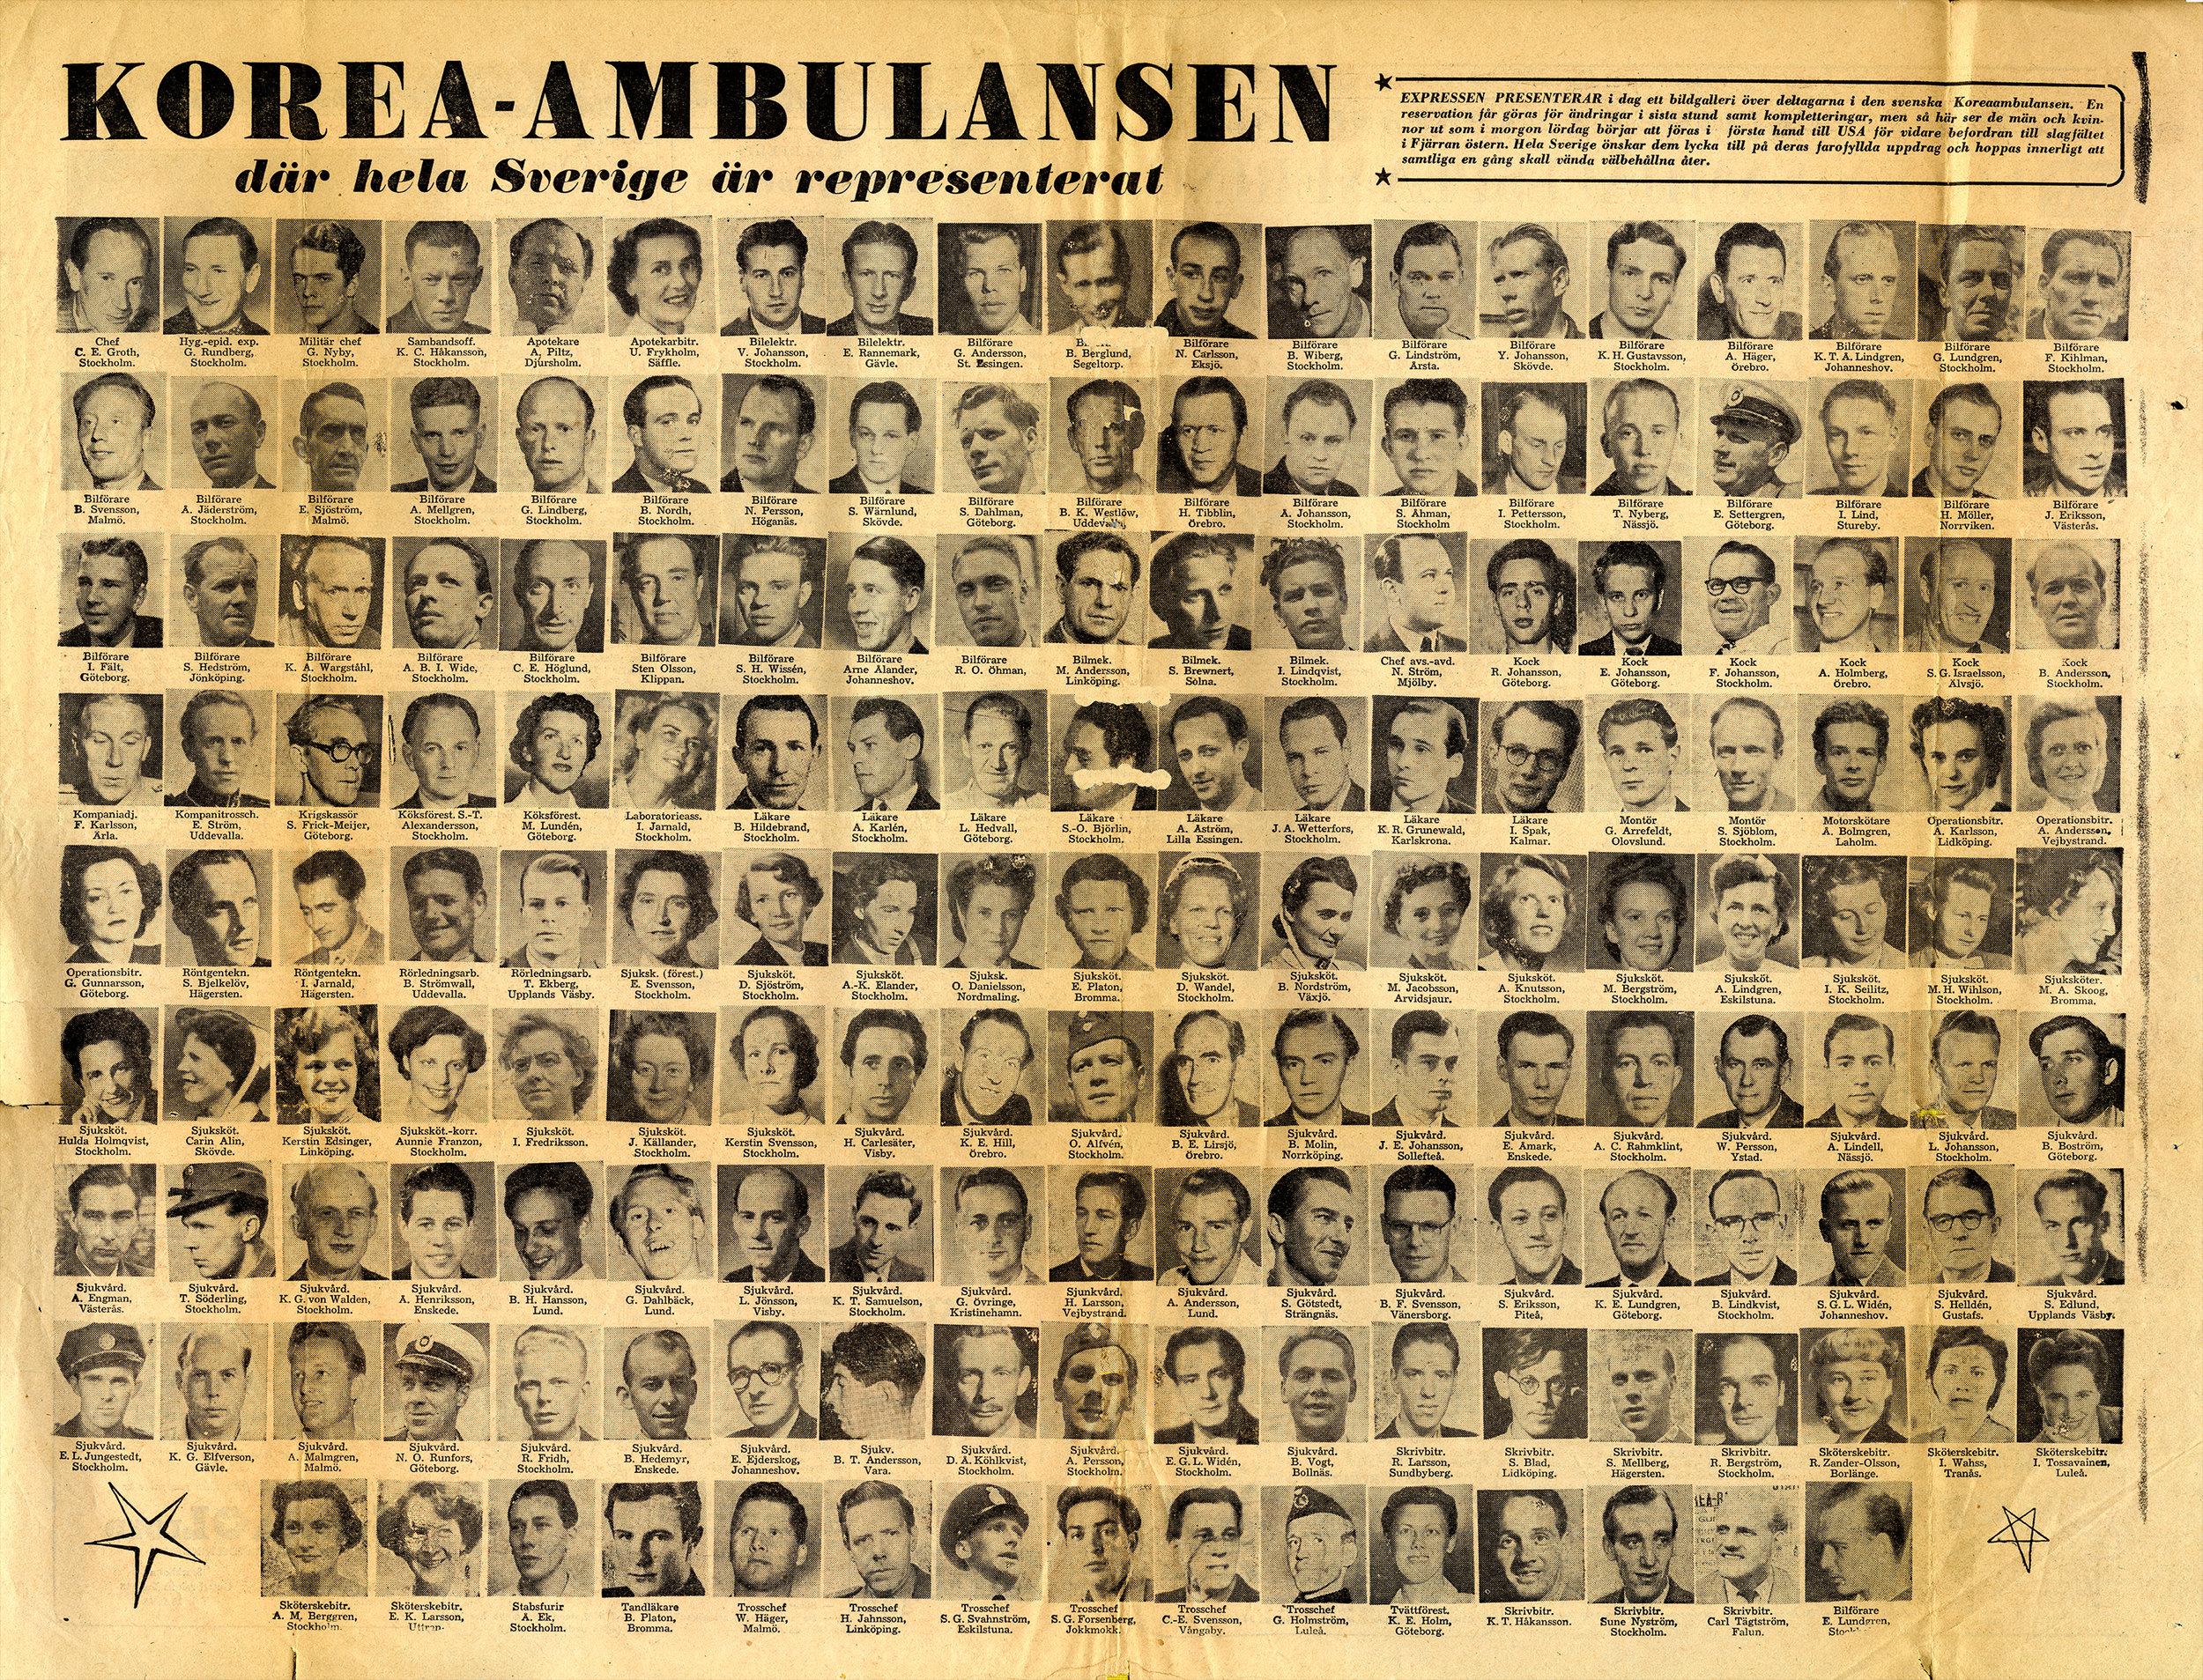 Mittuppslag i i tidningen innan avfärd till Korea (Klicka på bilden för förstoring)  /Källa: Expressen